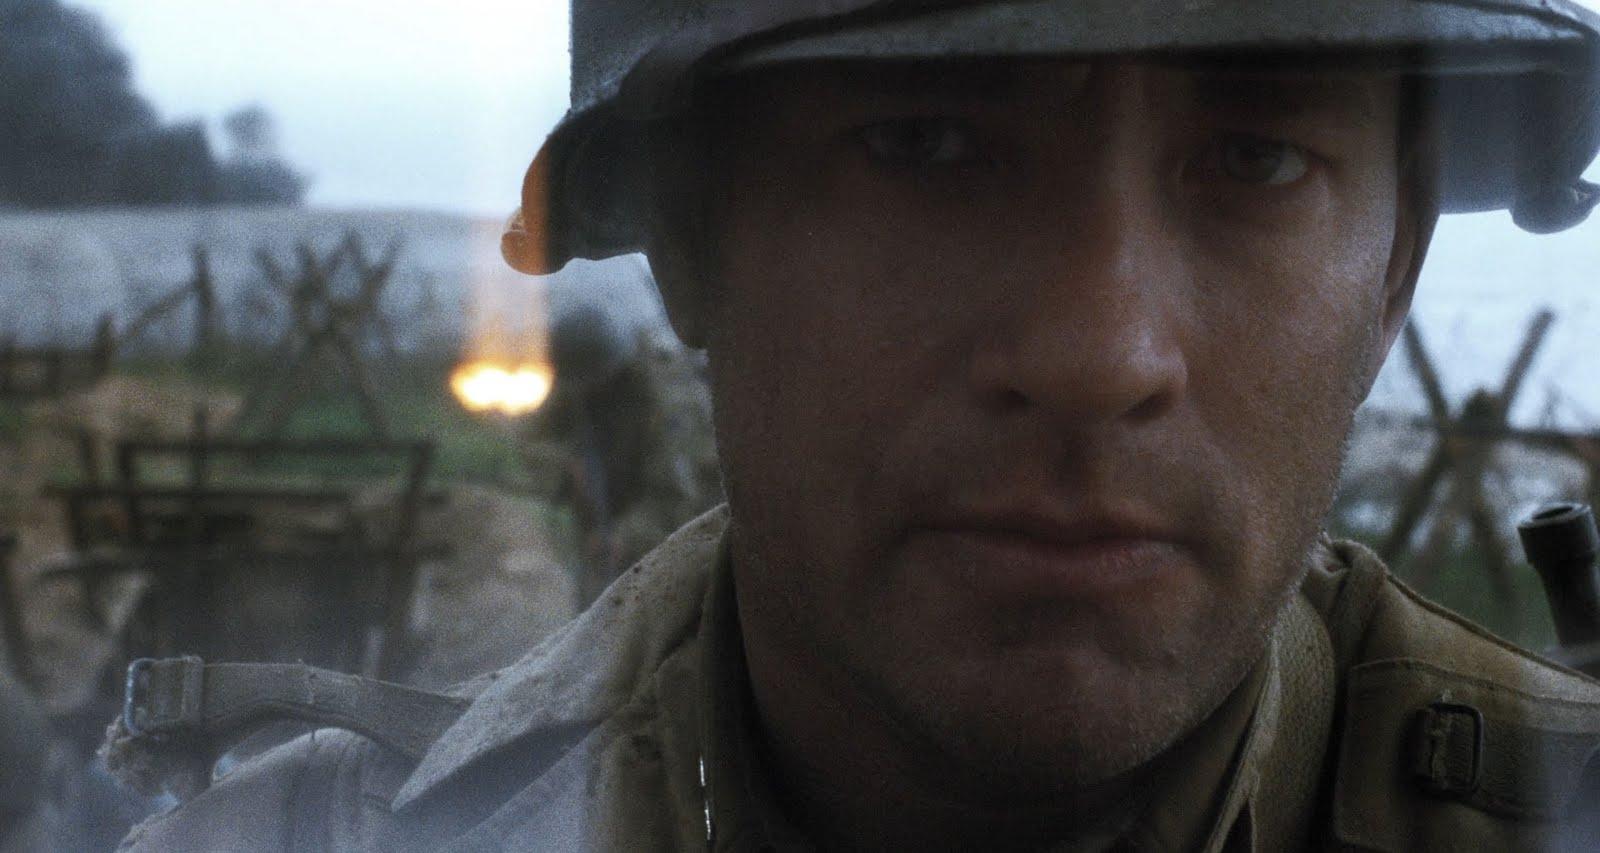 http://4.bp.blogspot.com/-FhC-nCDguLM/TjLGahTCd5I/AAAAAAAAB2Q/Q67Afa7T7Uw/s1600/Saving+Private+Ryan.jpg